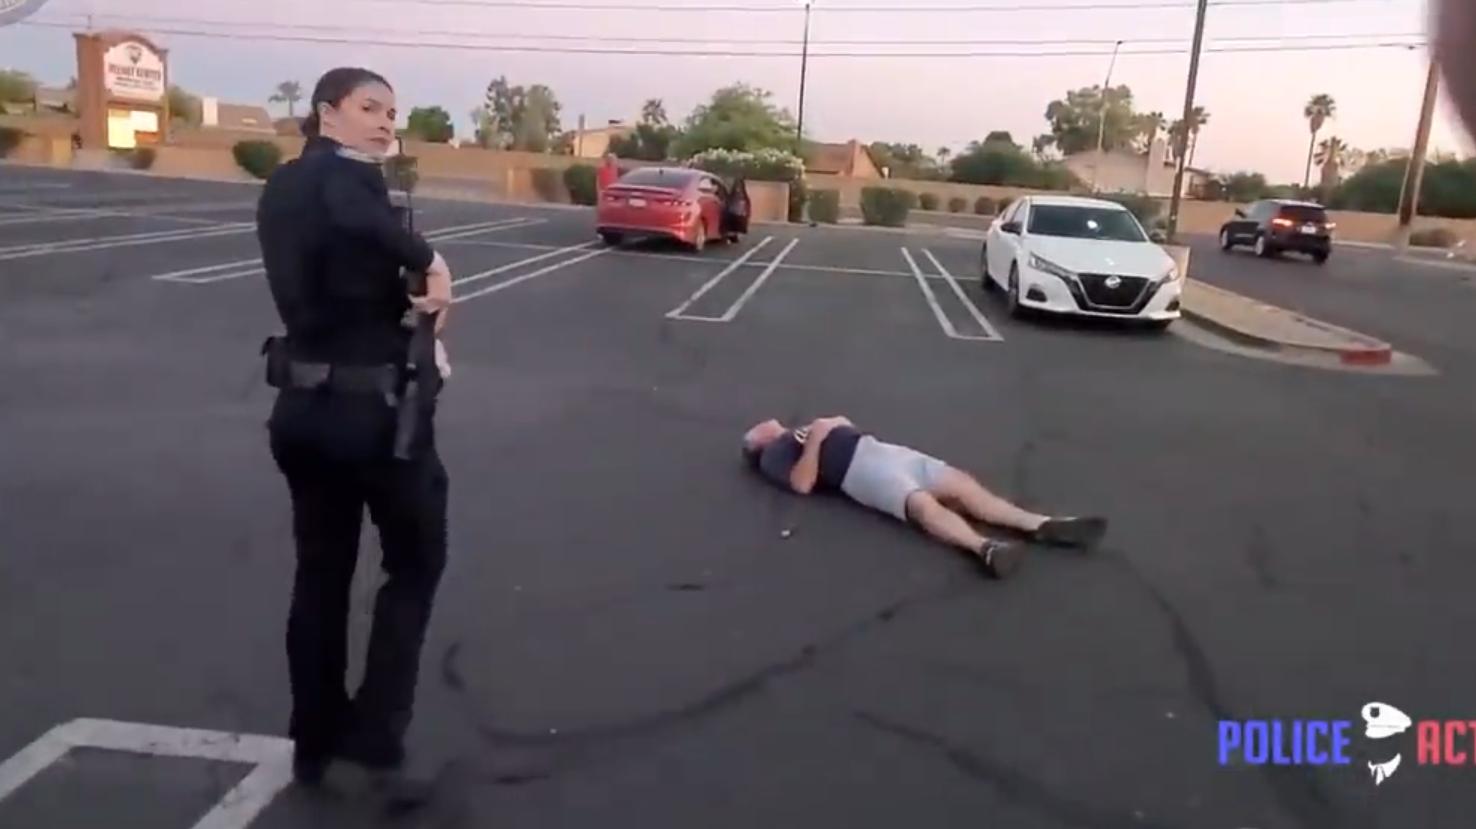 [执法记录] 女警自卫开枪击倒持刀酒鬼